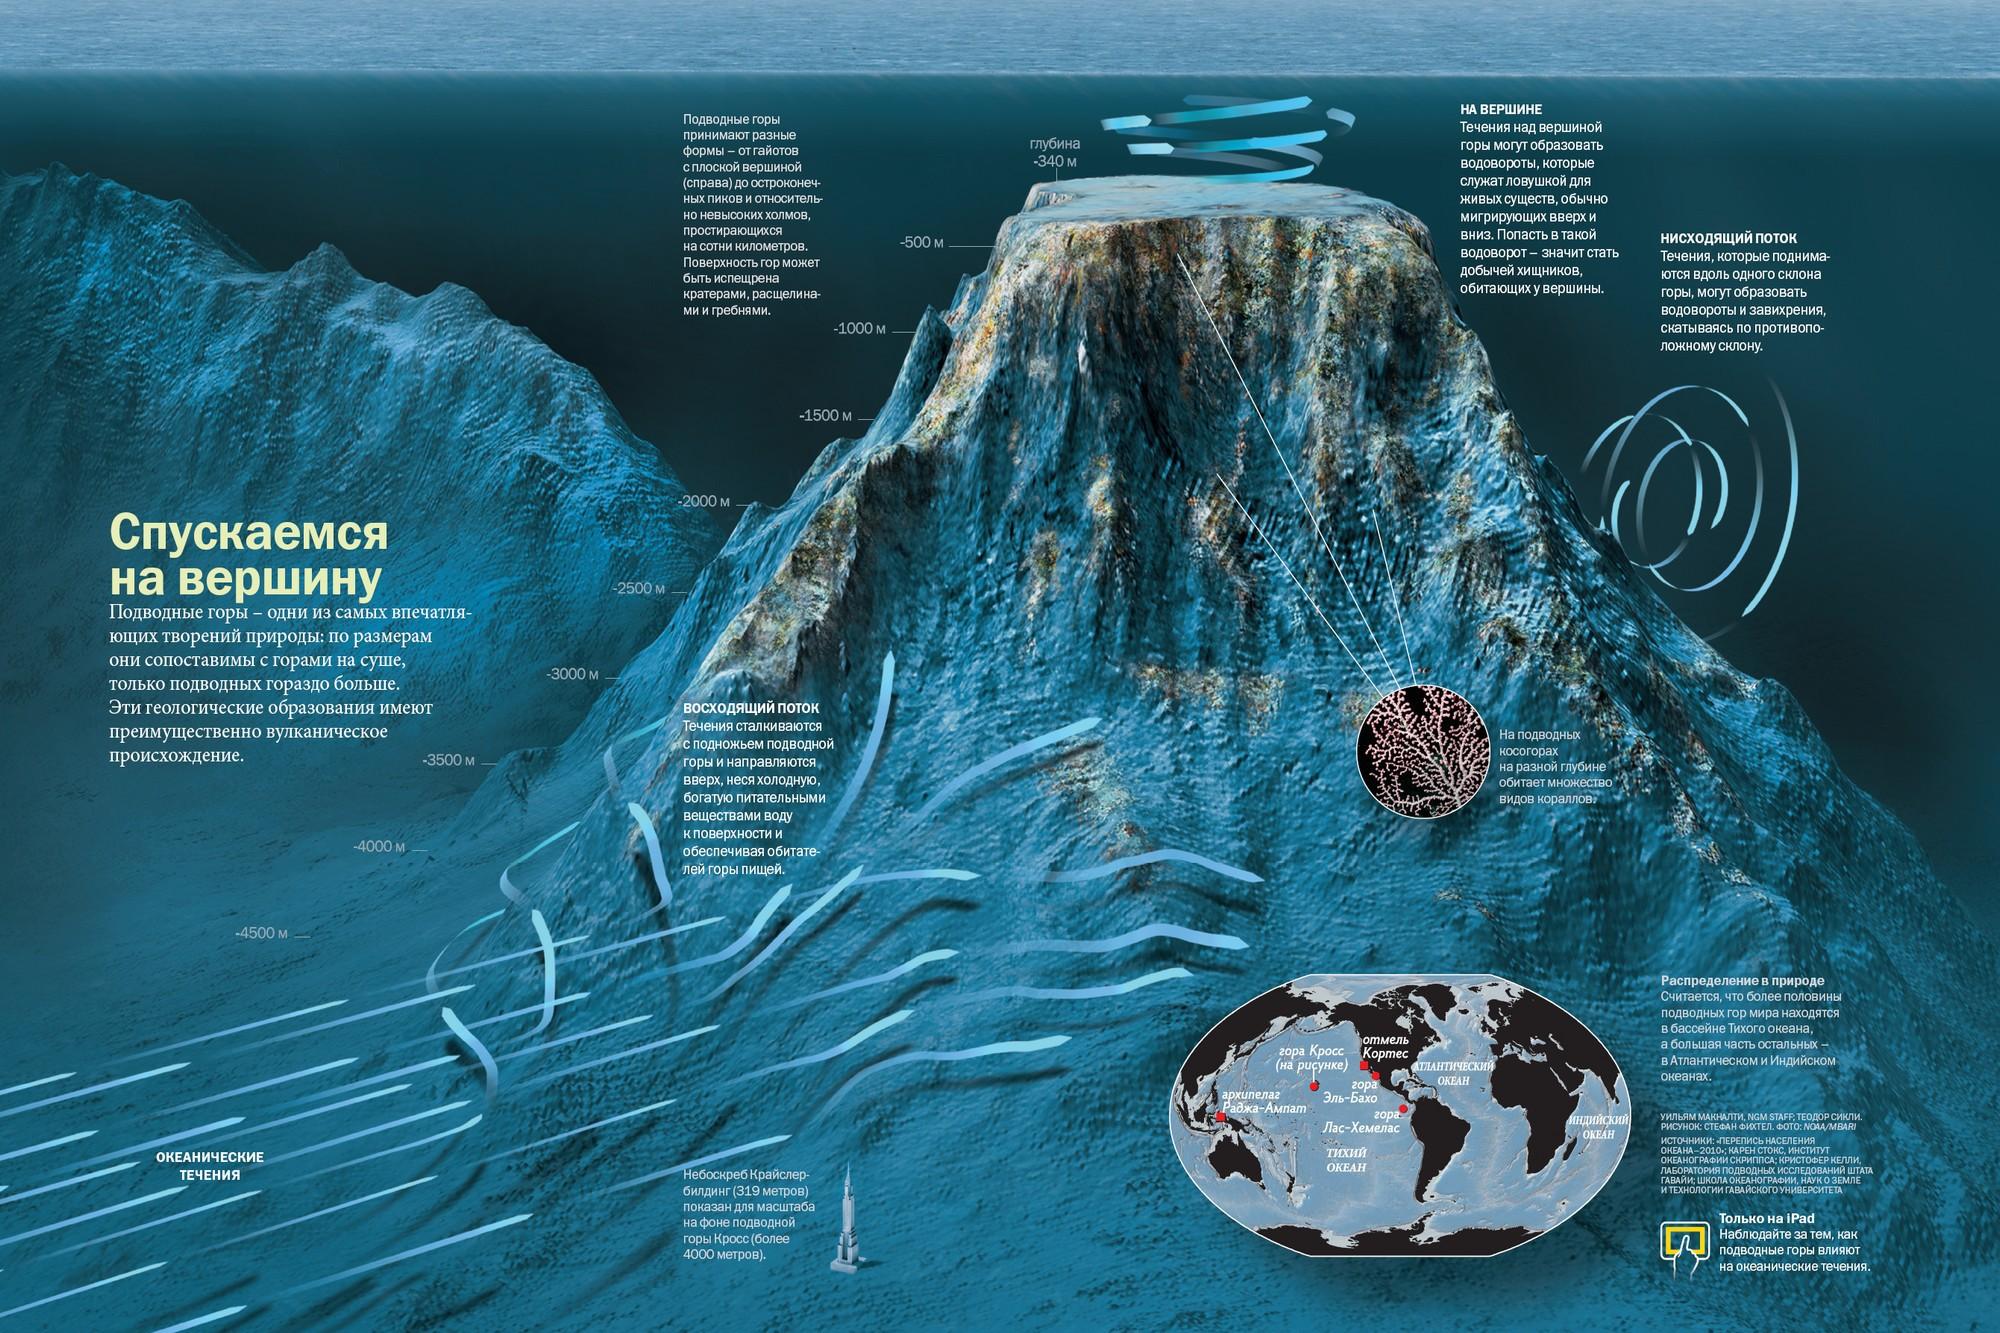 Макет підводної гори